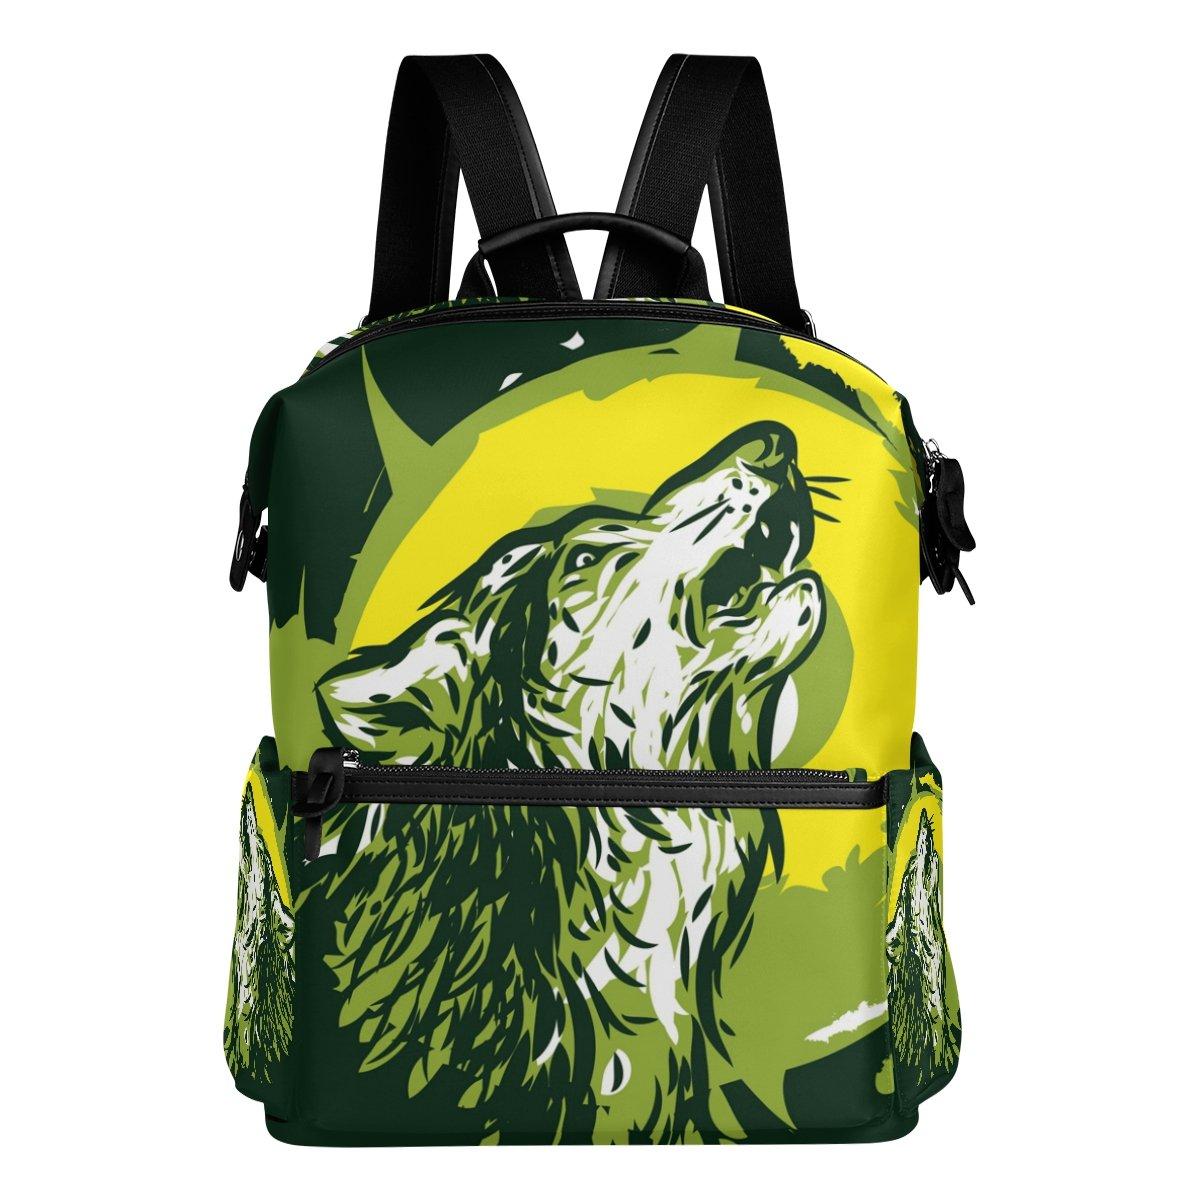 COOSUN Lobo del grito mochila Escuela Mochila mochila grito de viaje Multi 820fd8